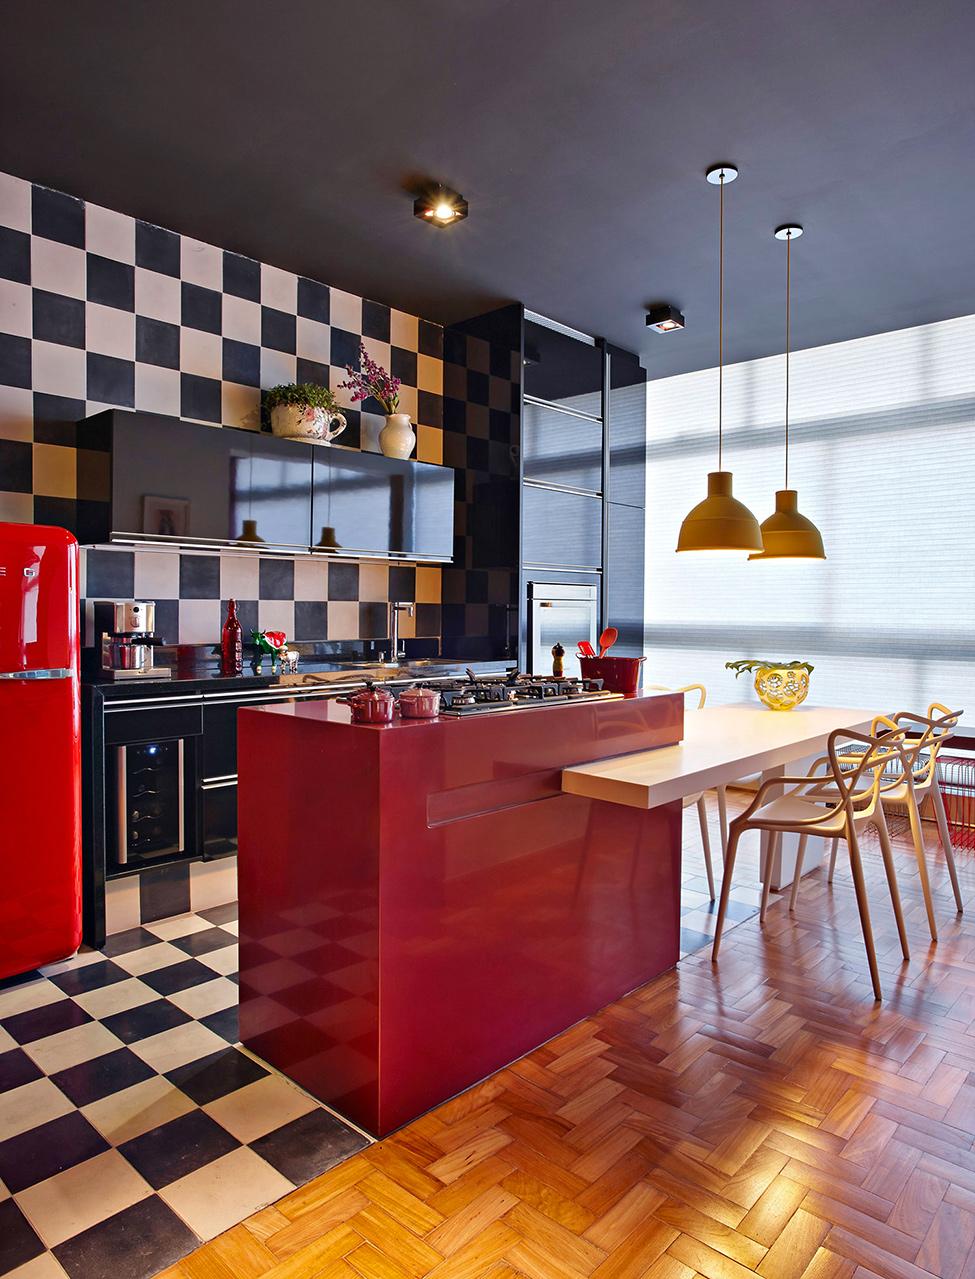 apartament-v-braziliq-pokazva-neveroqten-miks-ot-tsvetove-i-teksturi-6g